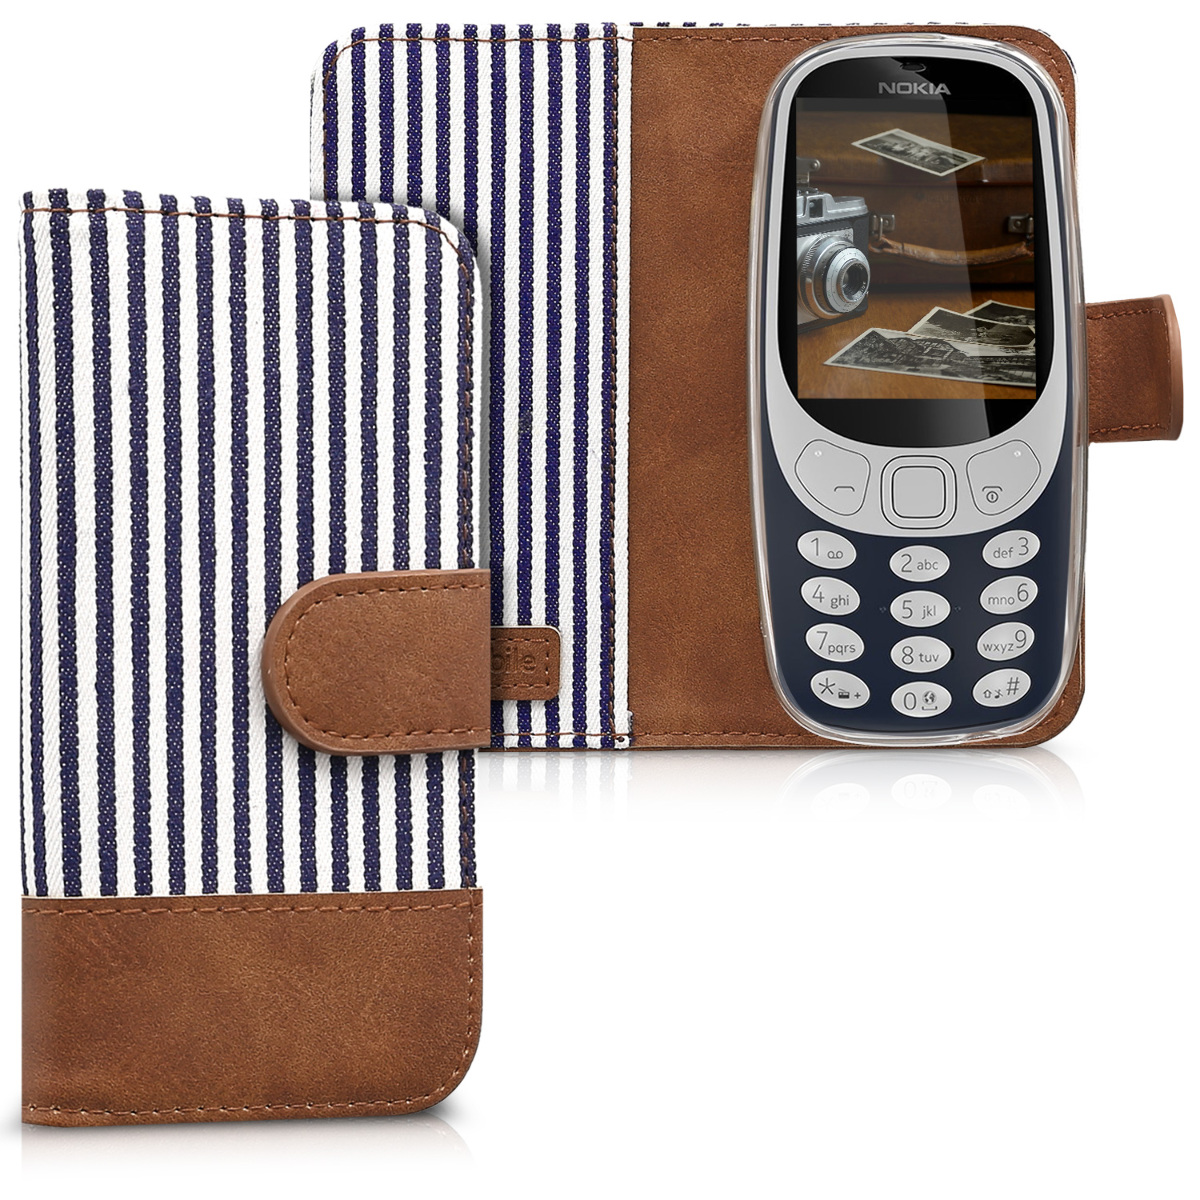 KW Θήκη Πορτοφόλι  Nokia 3310 (2017) - Blue / White (43775.01)